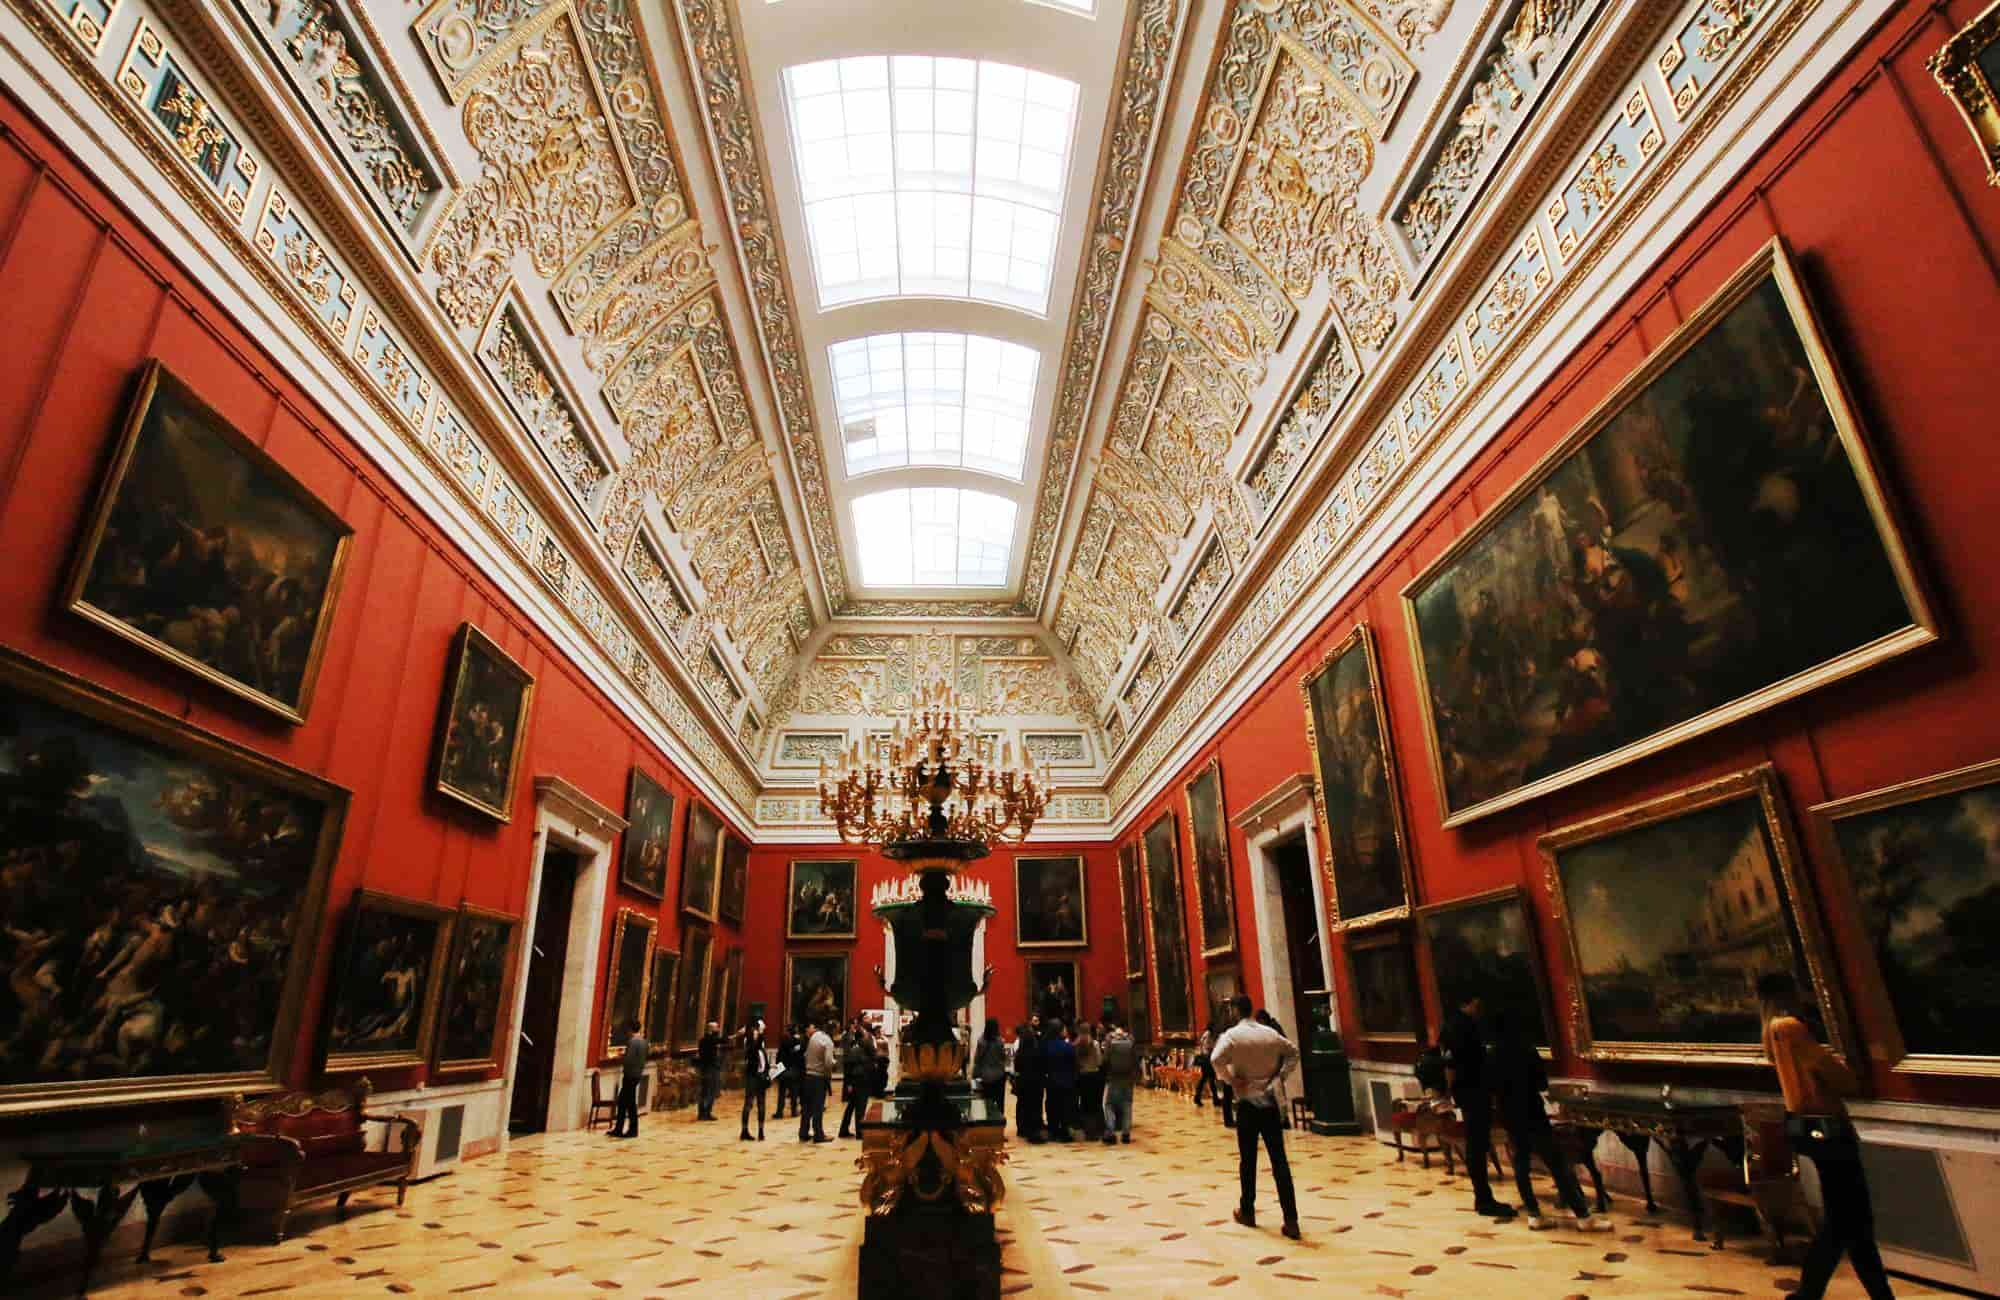 Voyage en Russie - Musée de l'Ermitage - Amplitudes